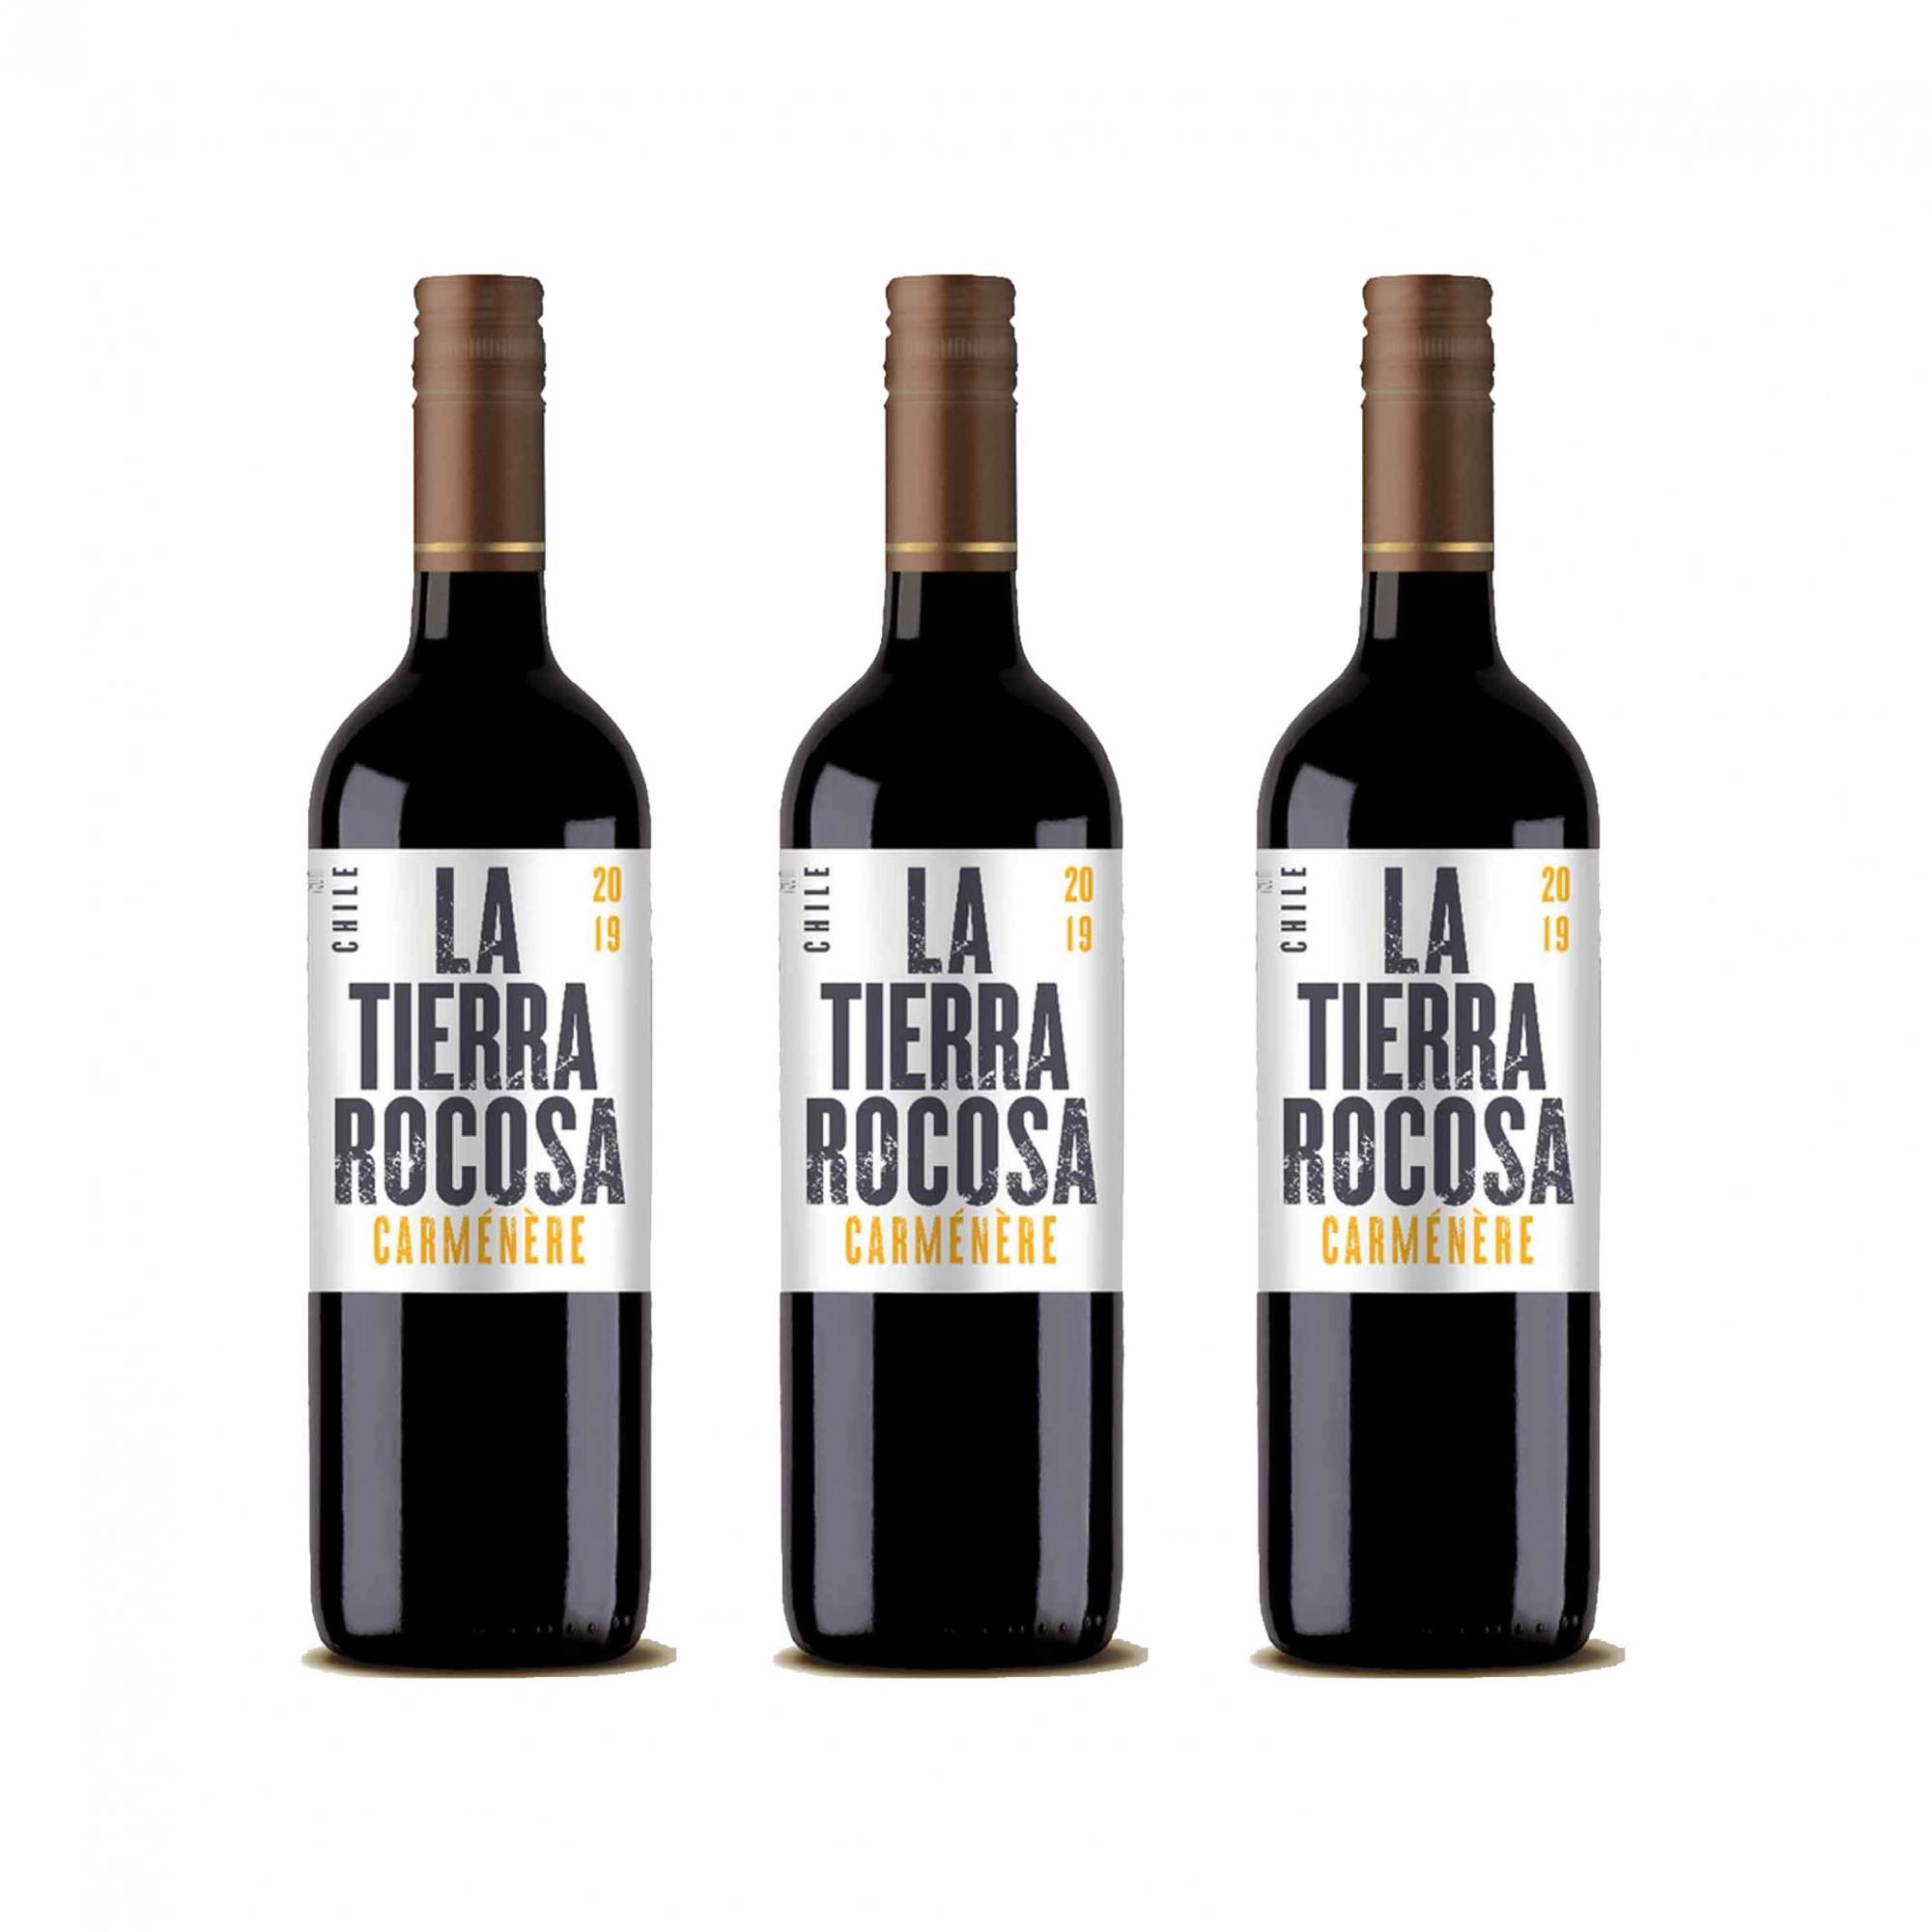 Kit 3x Vinho Tinto Chileno La Tierra Rocosa Camenere 2020